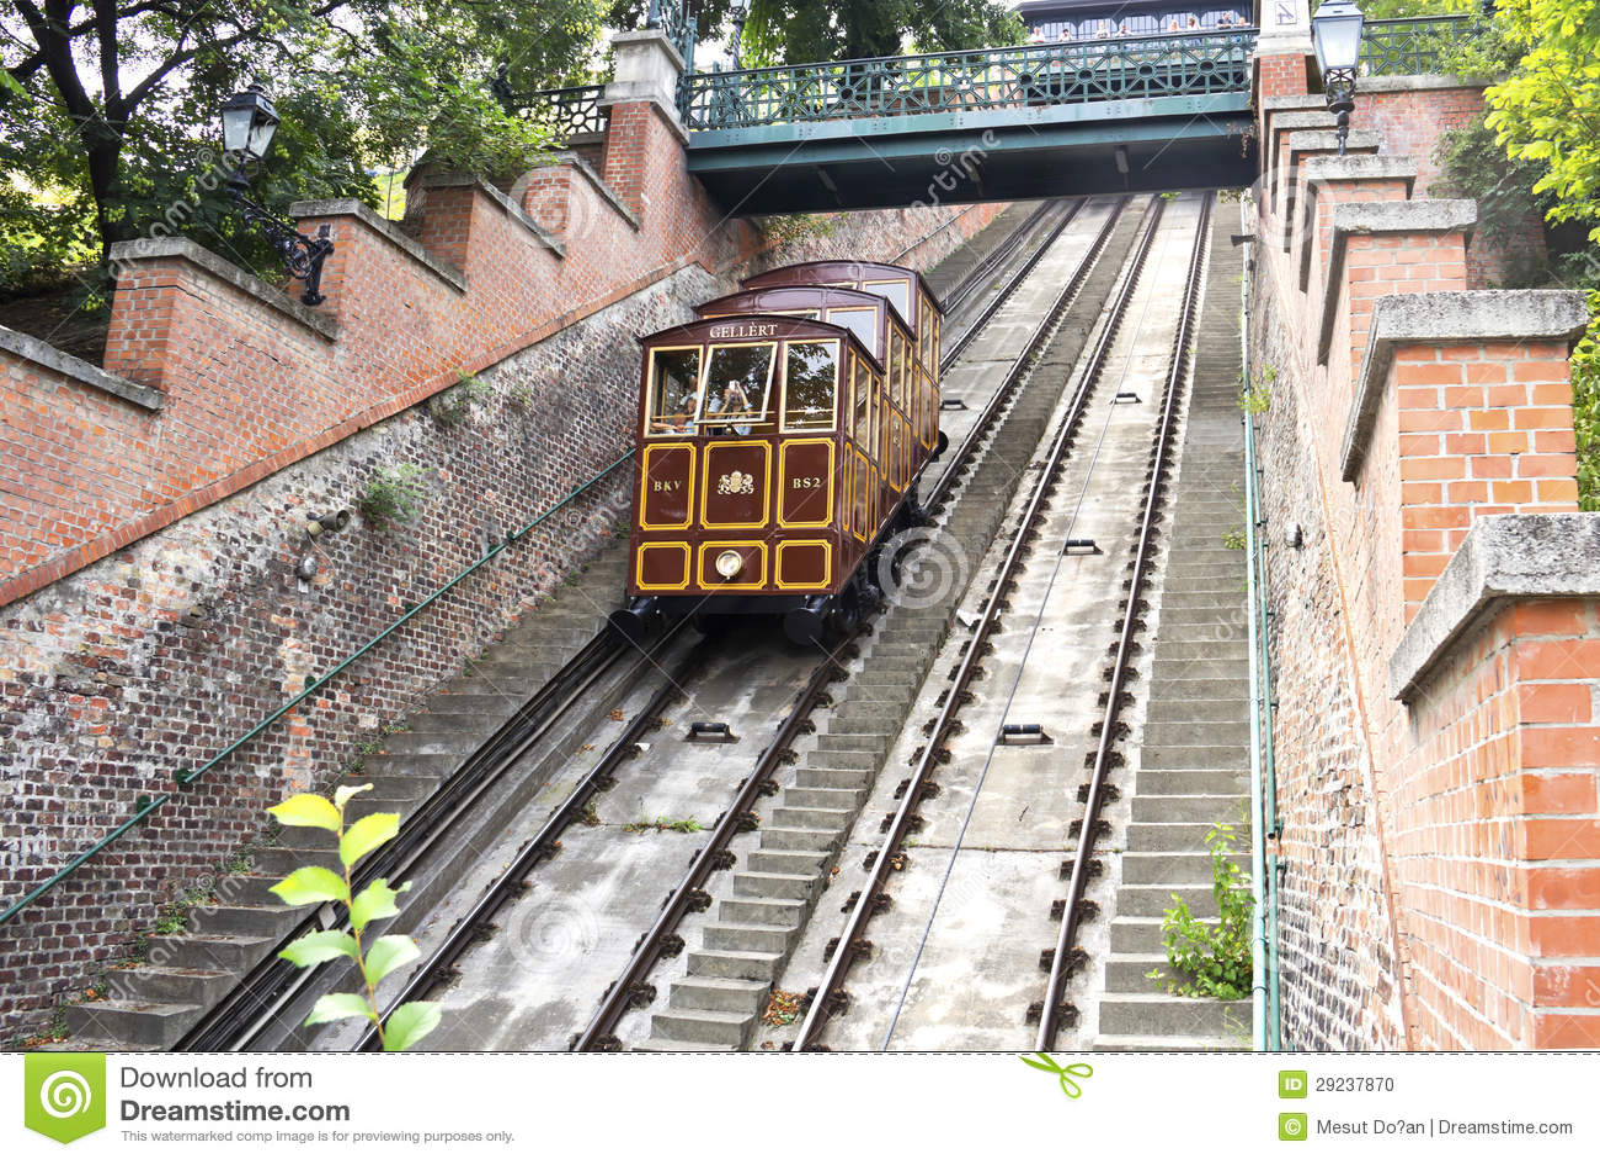 Download Funicular foto de stock. Imagem de arquitetura, monte - 29237870